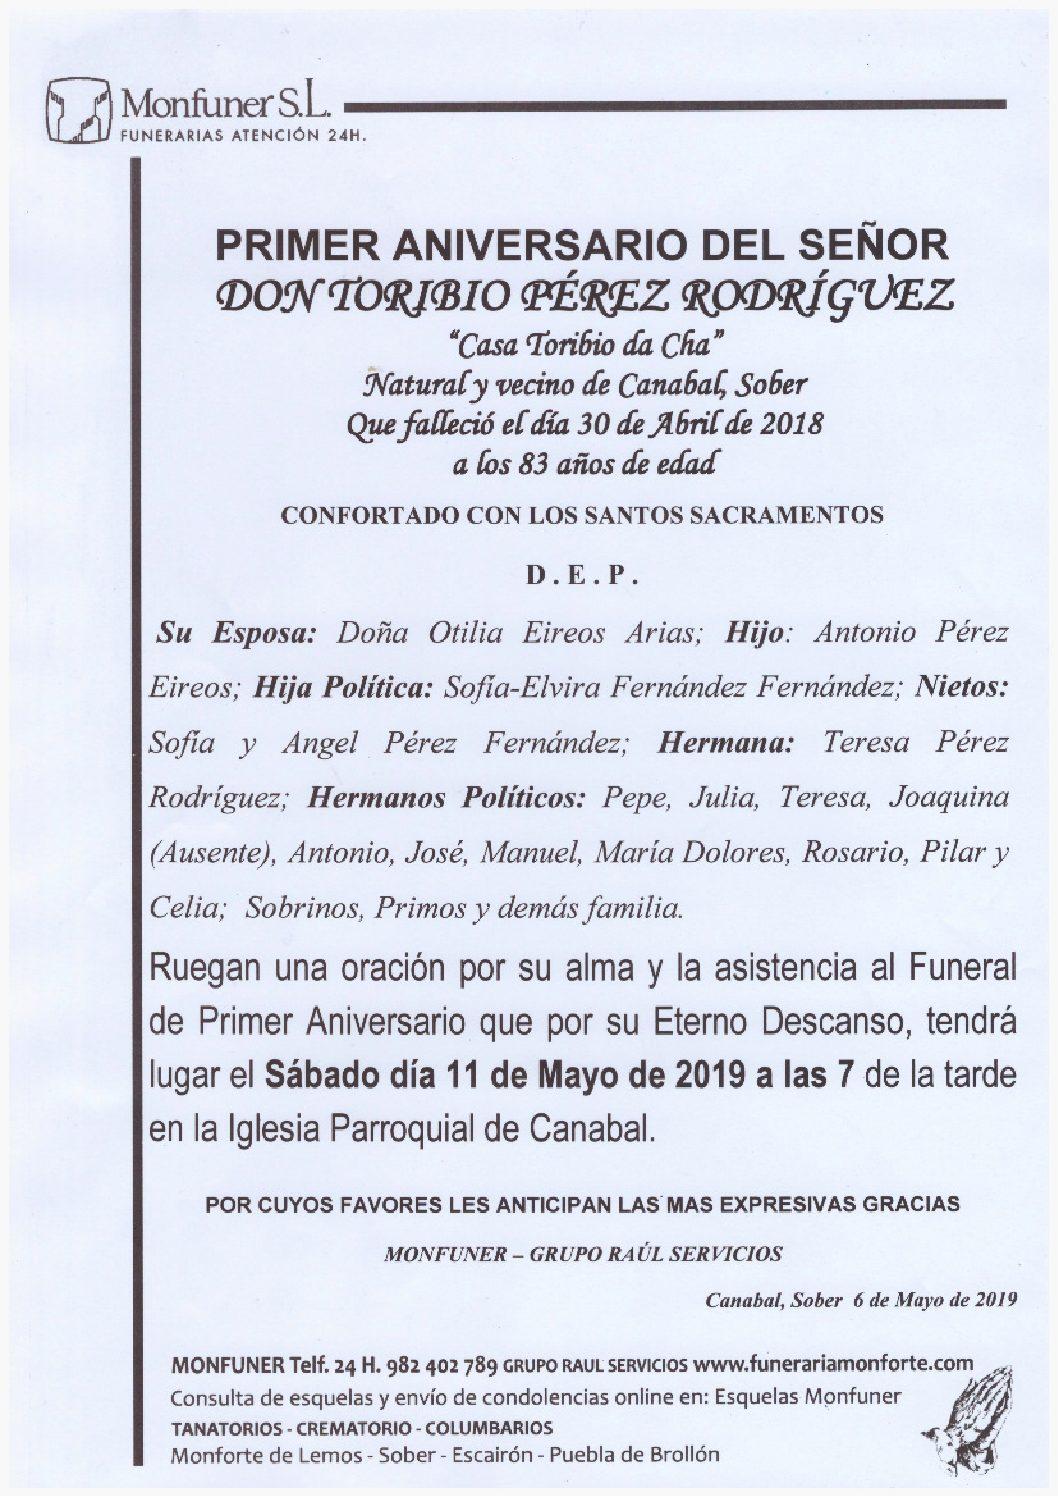 PRIMER ANIVERSARIO DEL SEÑOR DON TORIBIO PEREZ RODRIGUEZ